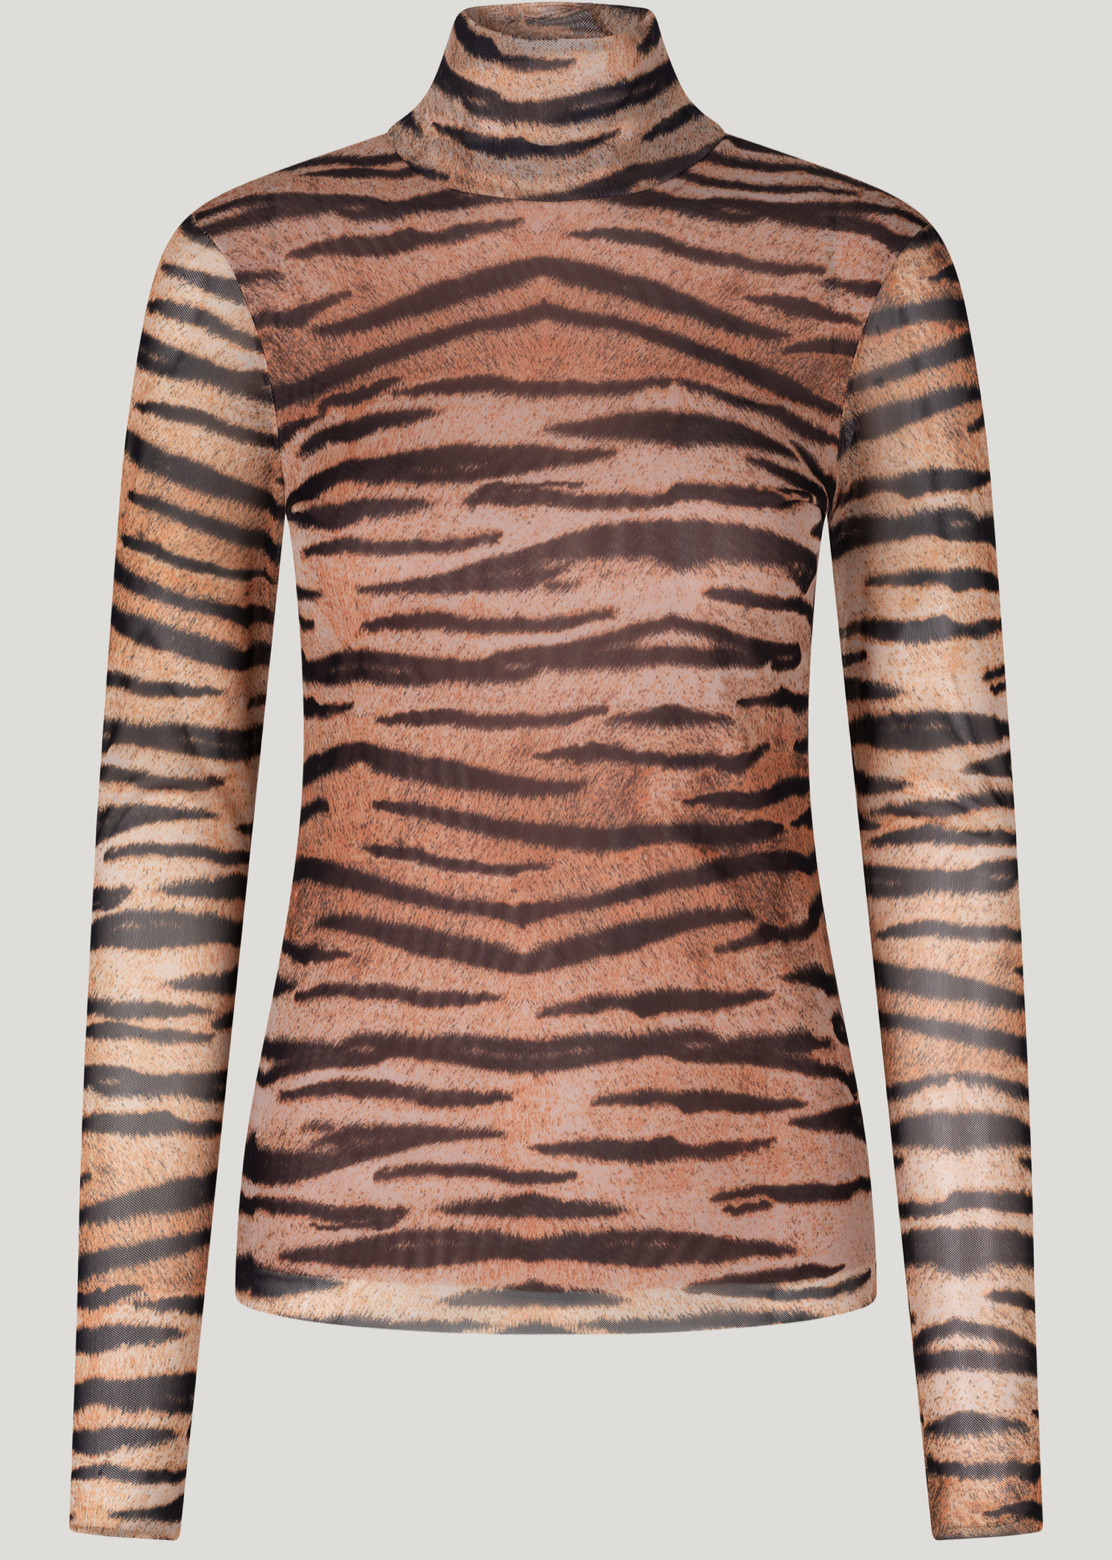 Jodi top Natural Tiger-1